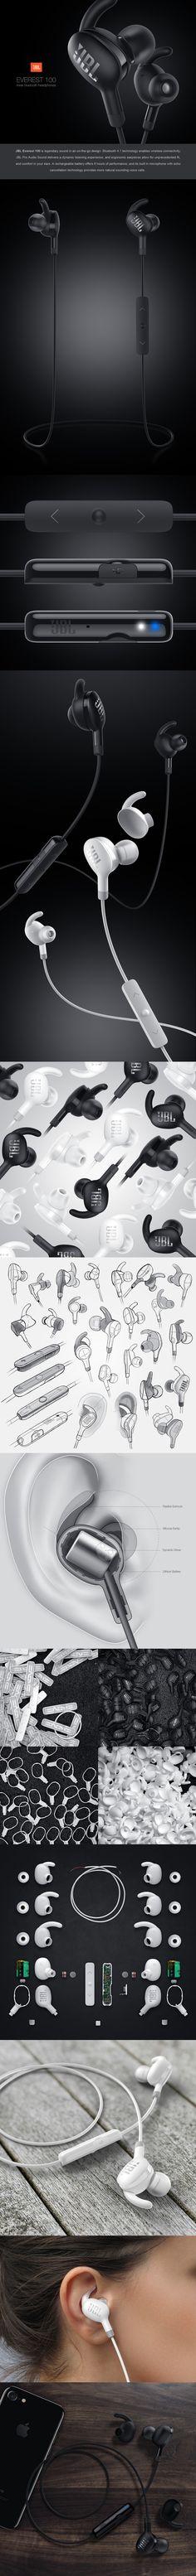 JBL Everest 100  La presentación de este producto se compone de un título, vistas, funciones, partes internas, exploración de su forma, demostración de uso y contexto, en conclusión, una presentación muy completa!